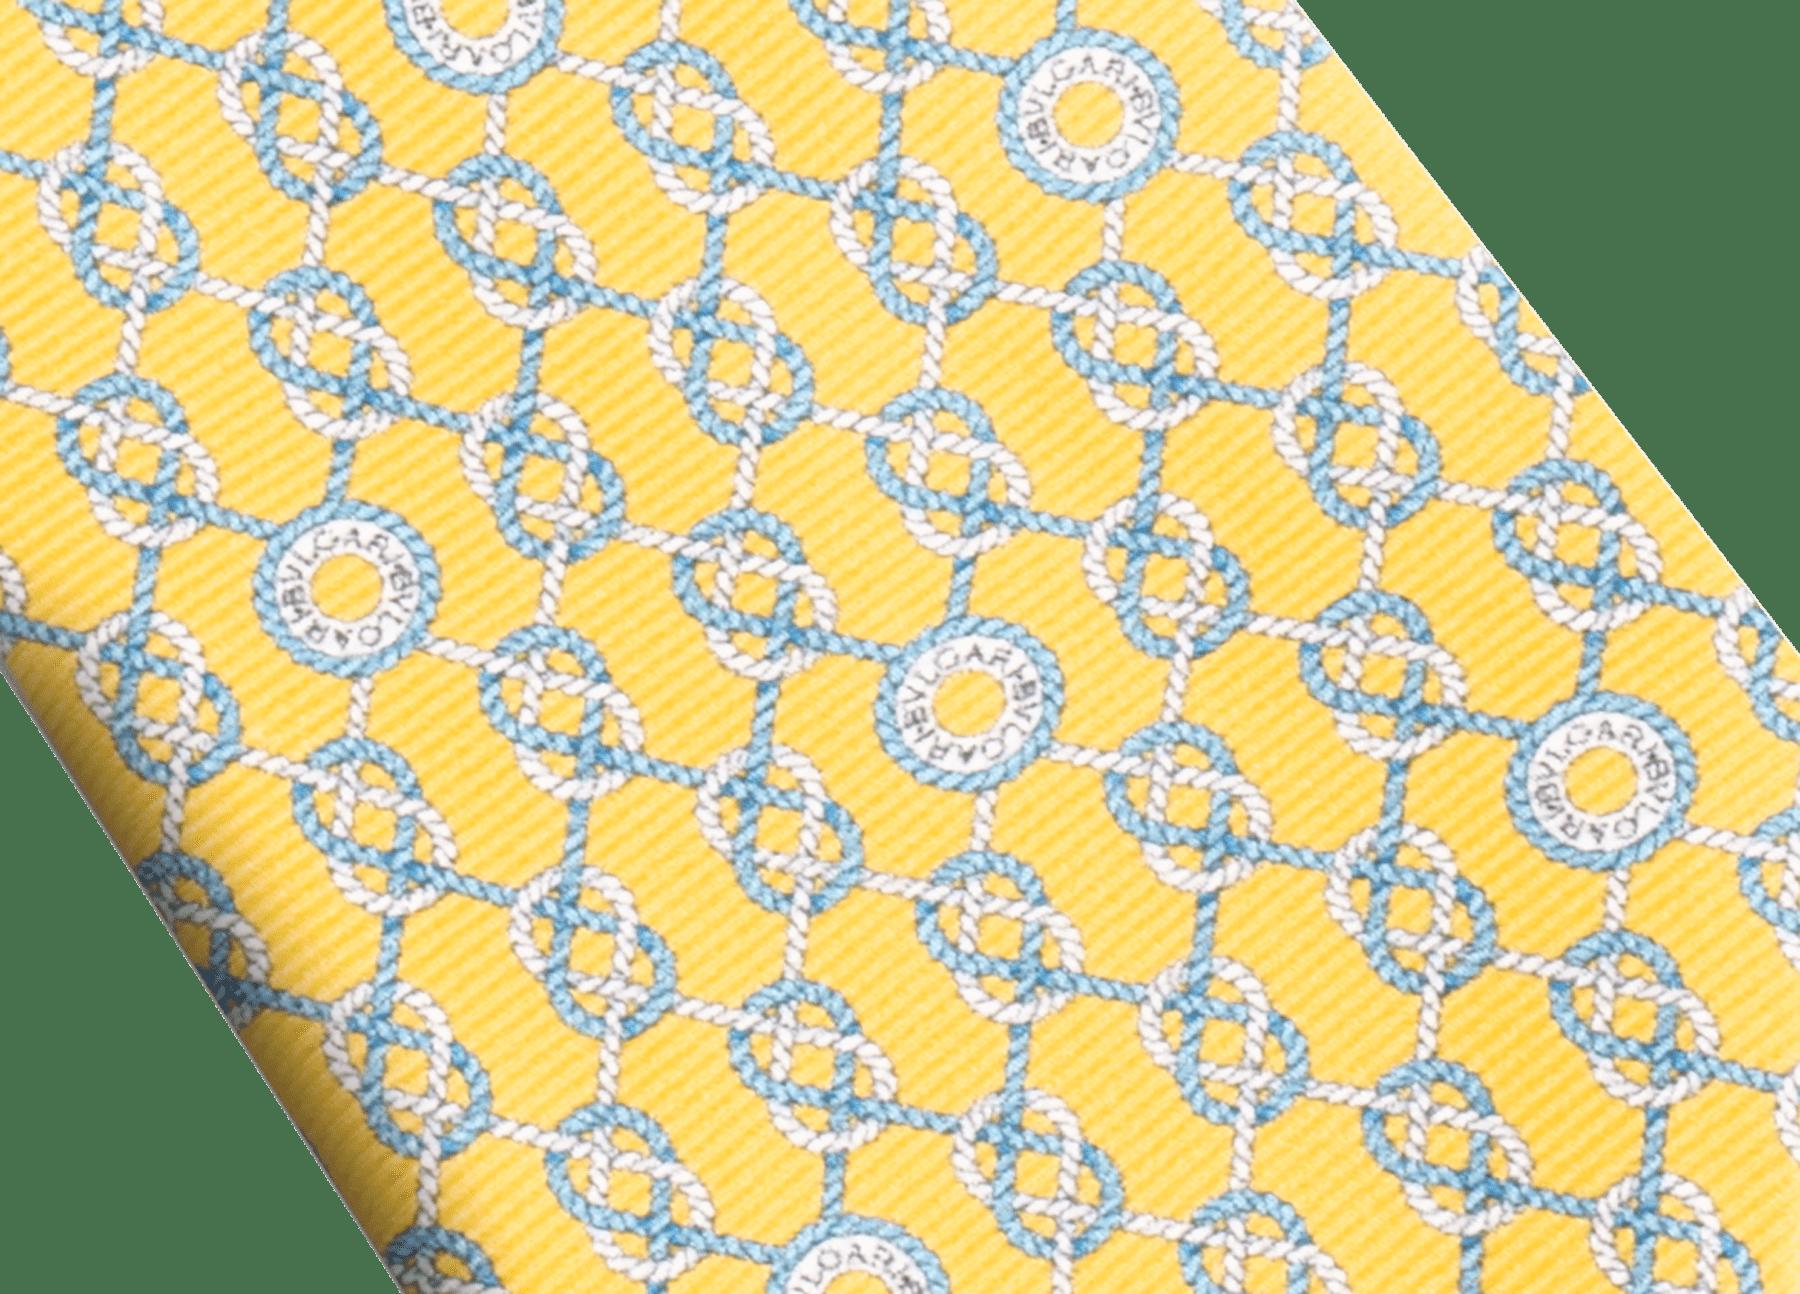 Yellow Sailor Logo pattern seven-fold tie in fine saglione printed silk. 244201 image 2